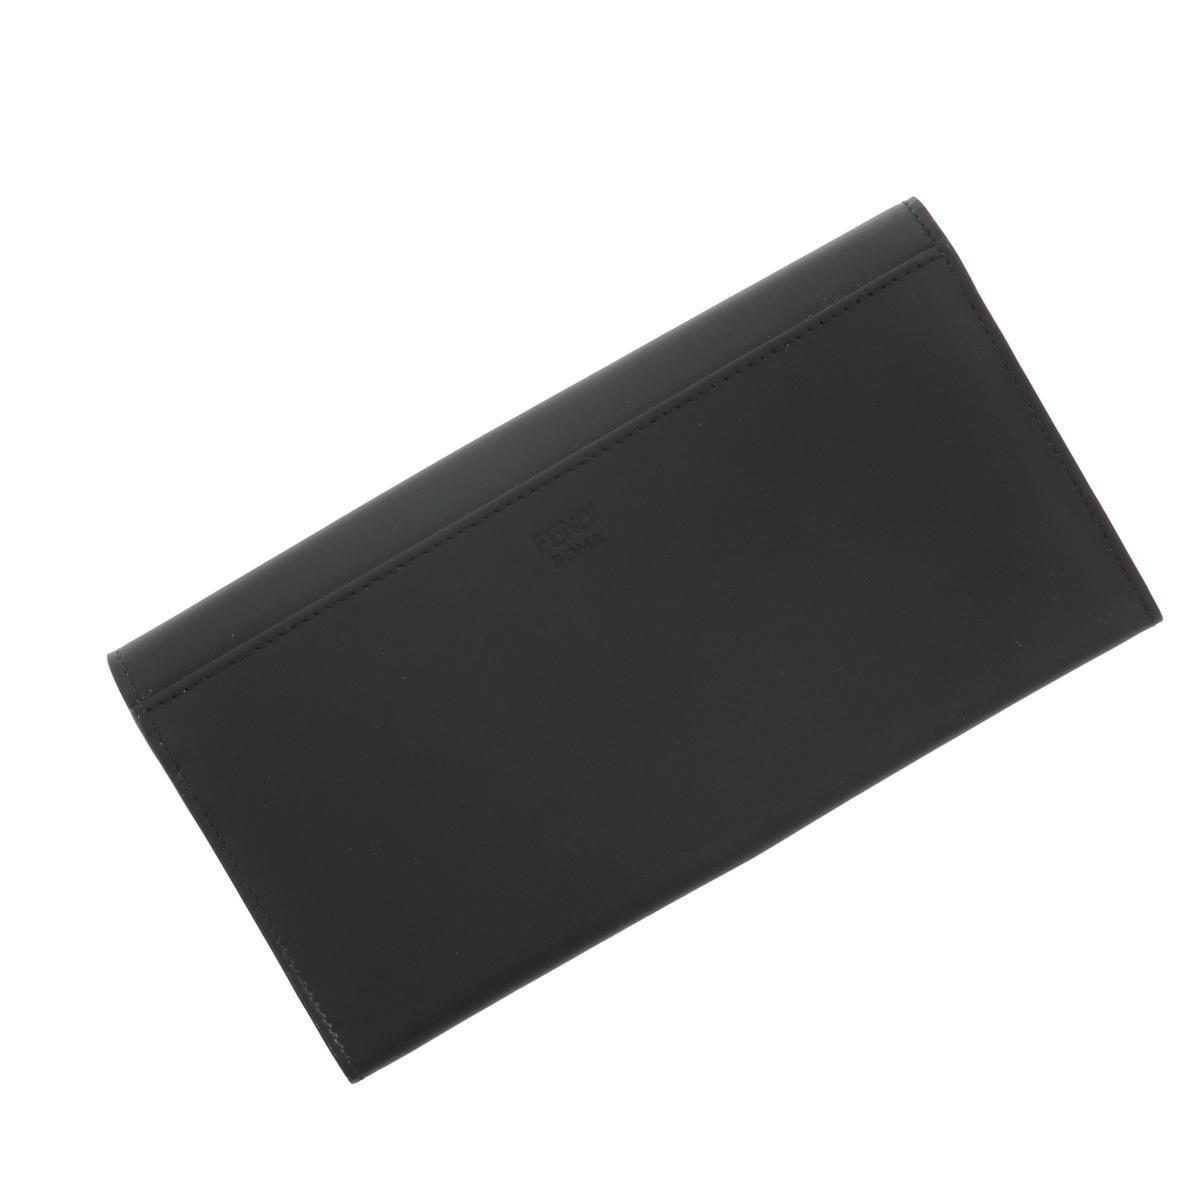 【美品】【中古】FENDI フェンディ モンスター 二つ折り長財布 財布 長財布(小銭入有)  Black/ブラック イエロー 7M0264 bnwt:N